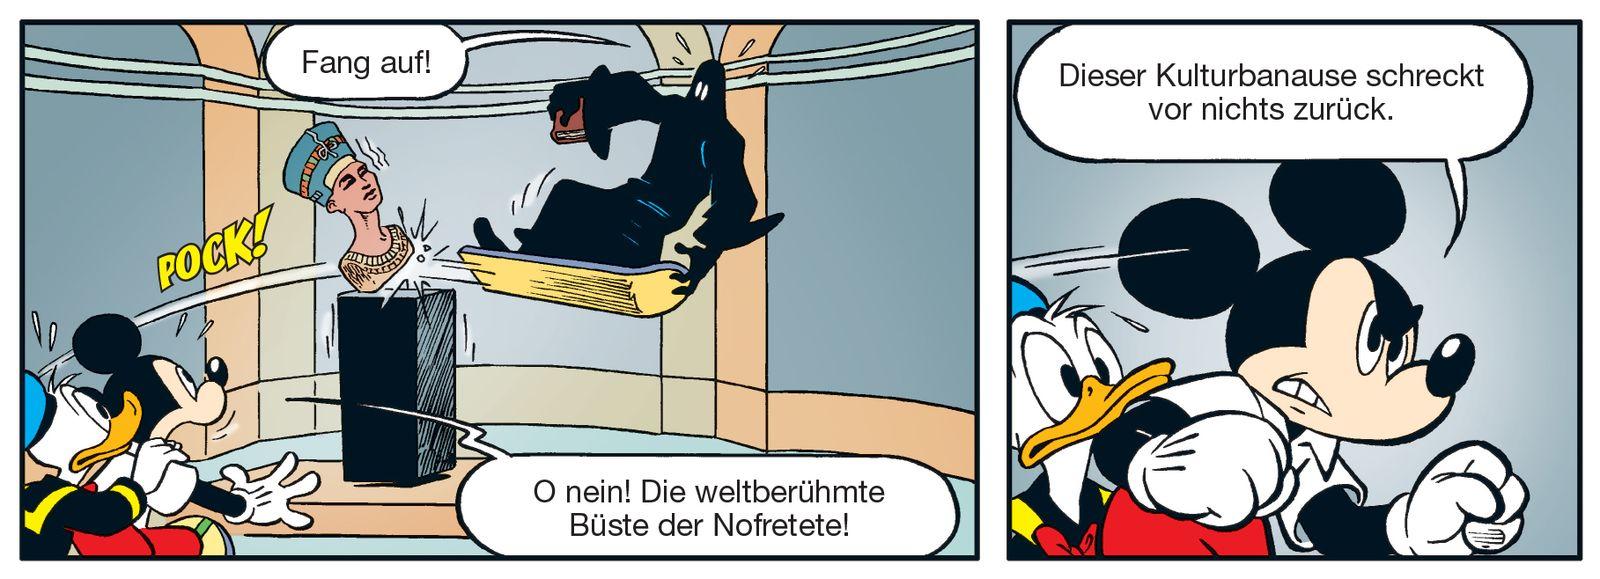 Gastauftritt der Nofretete im Micky-Maus-Heft: